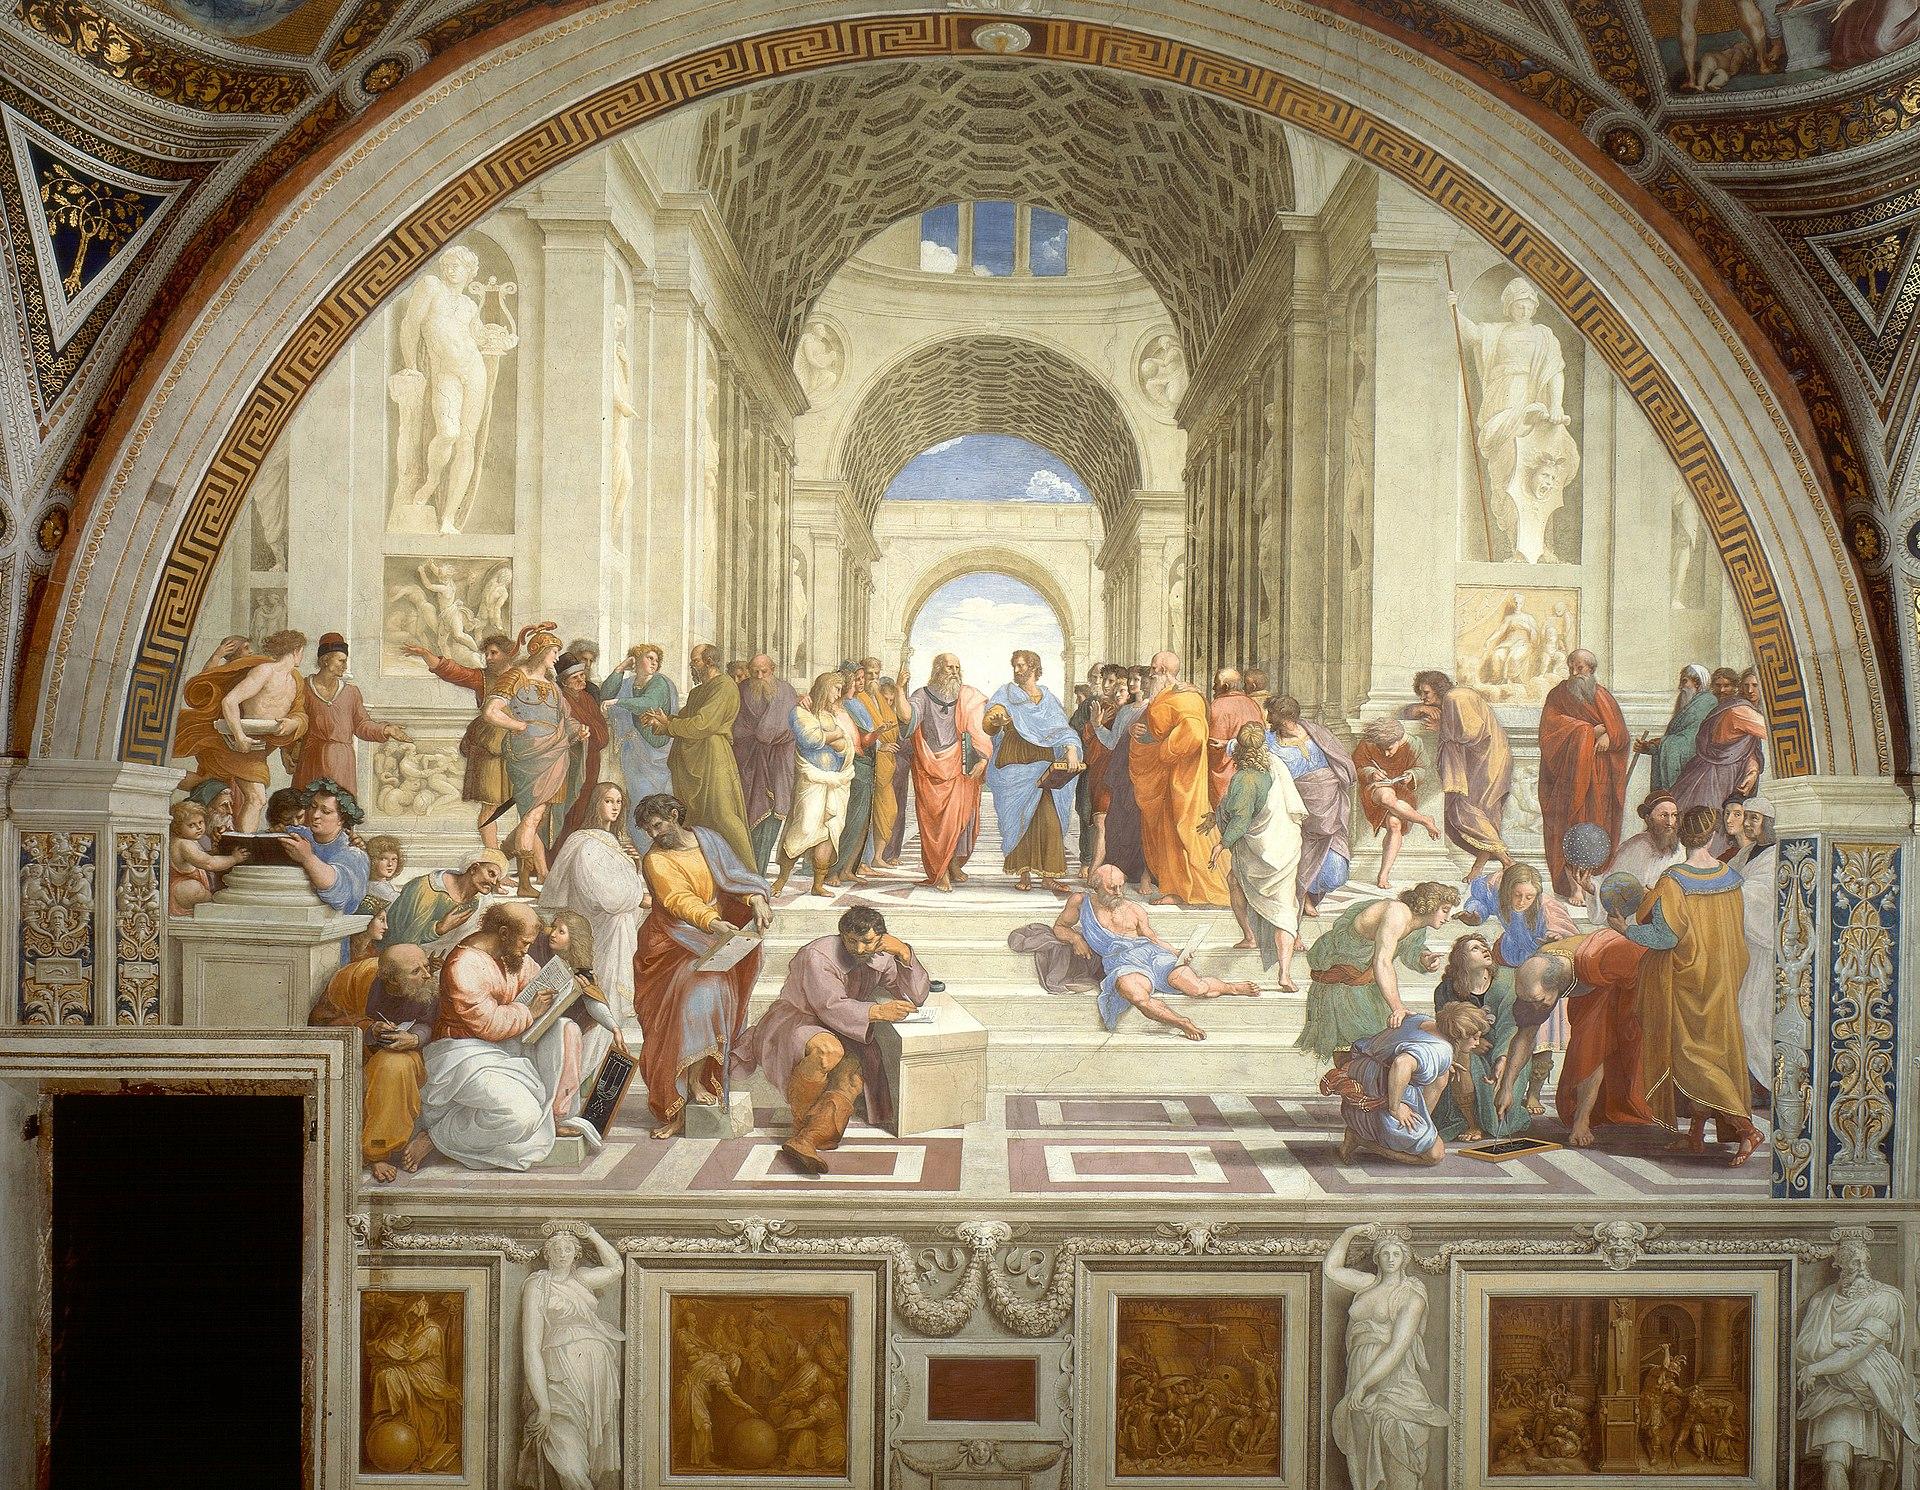 1920px-The_School_of_Athens_by_Raffaello_Sanzio_da_Urbino